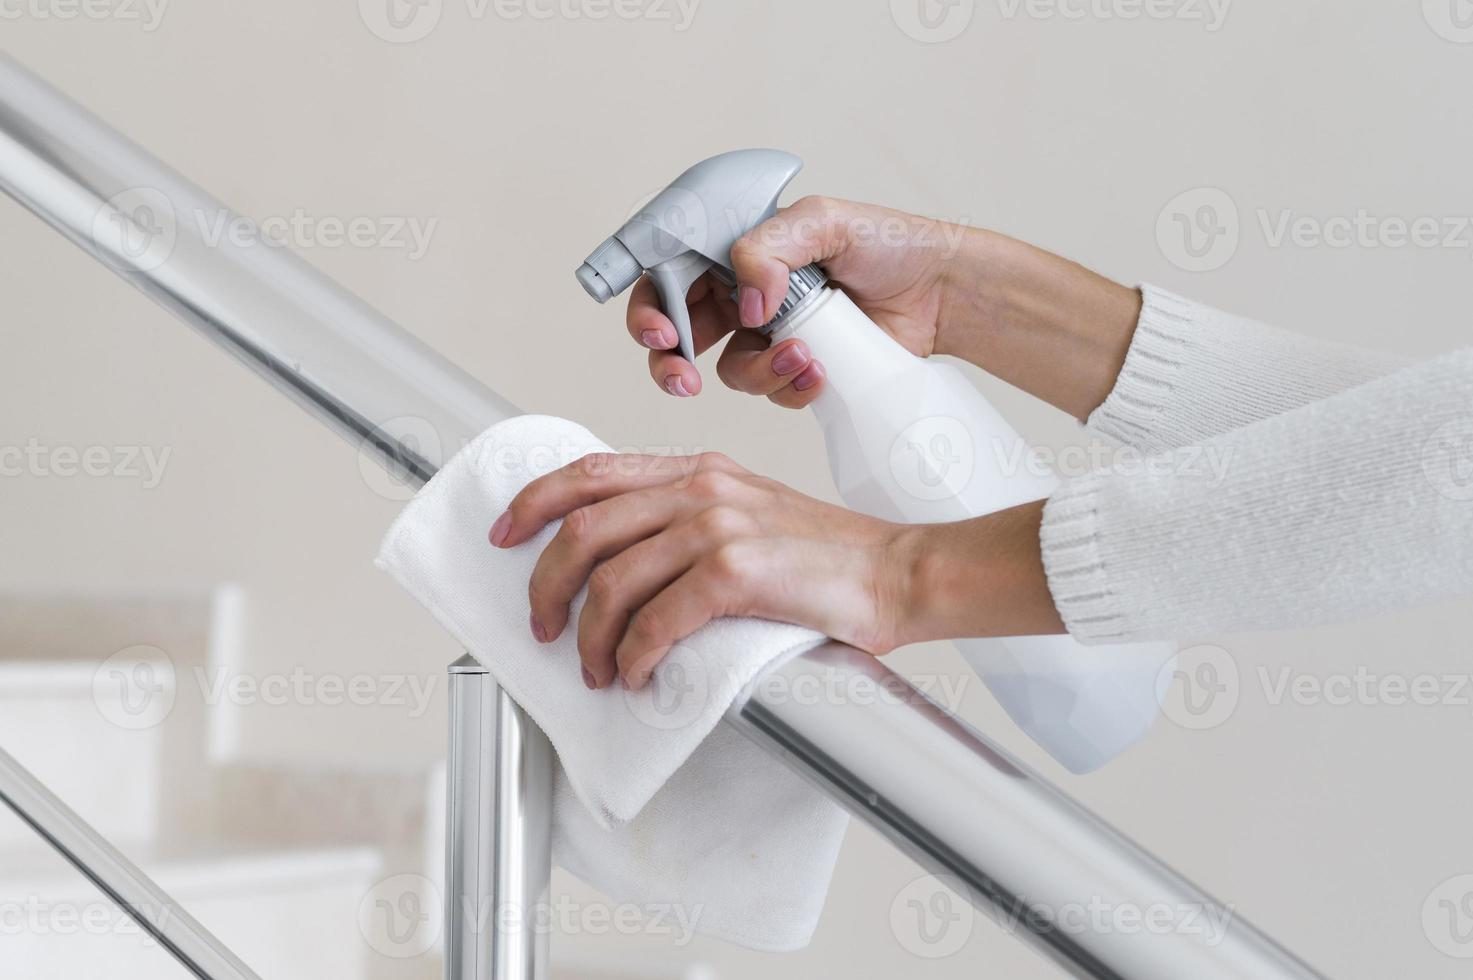 manos desinfectantes pasamanos foto